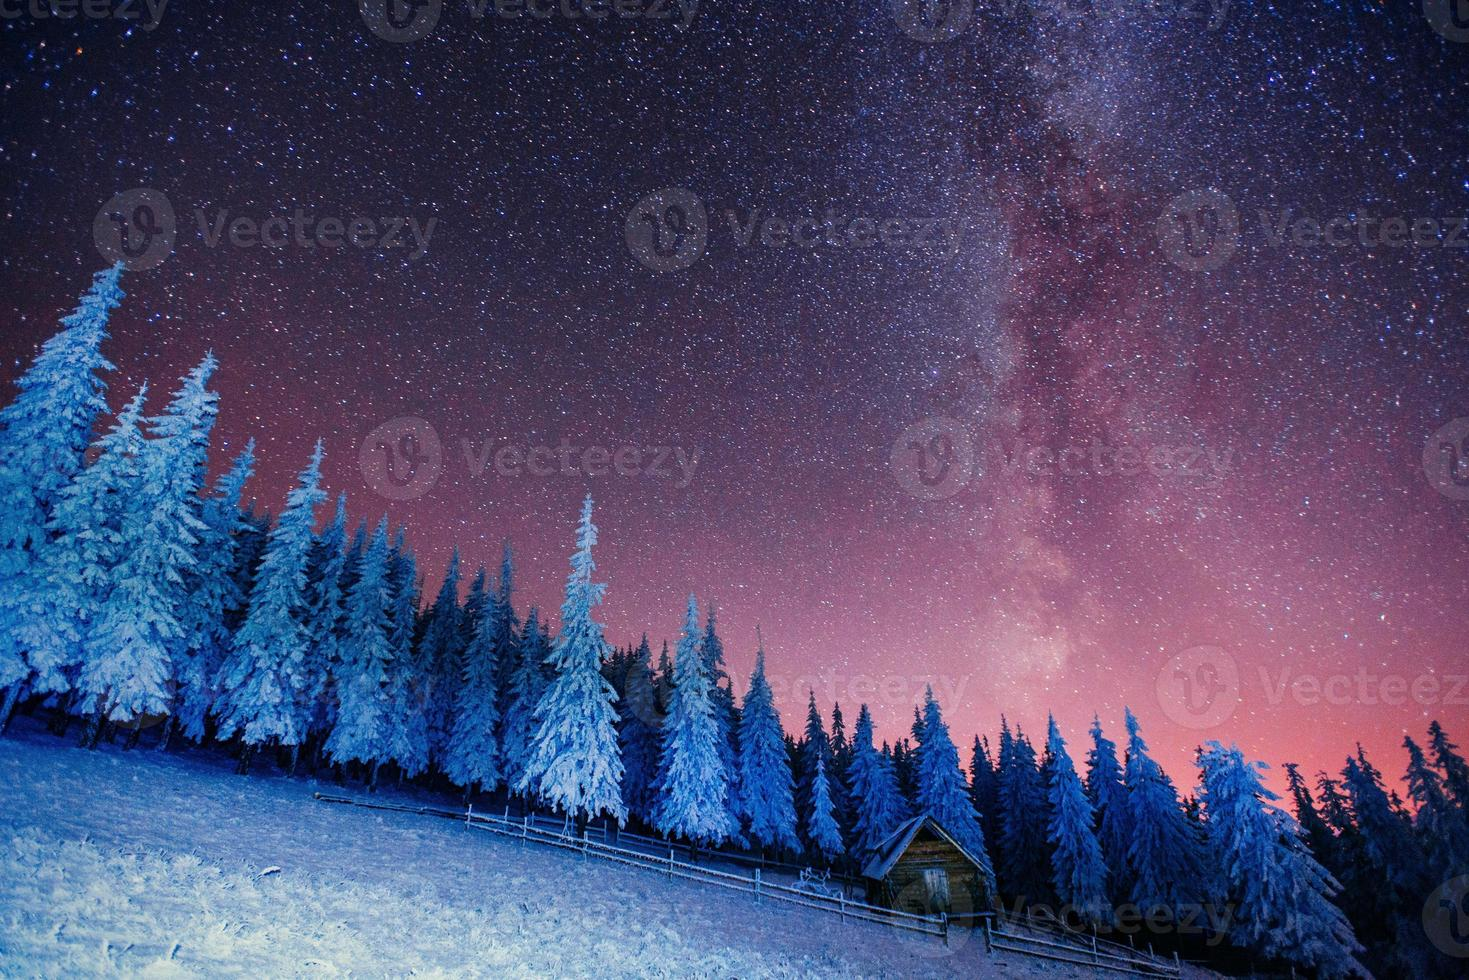 cabana nas montanhas. Ucrânia, Europa. foto